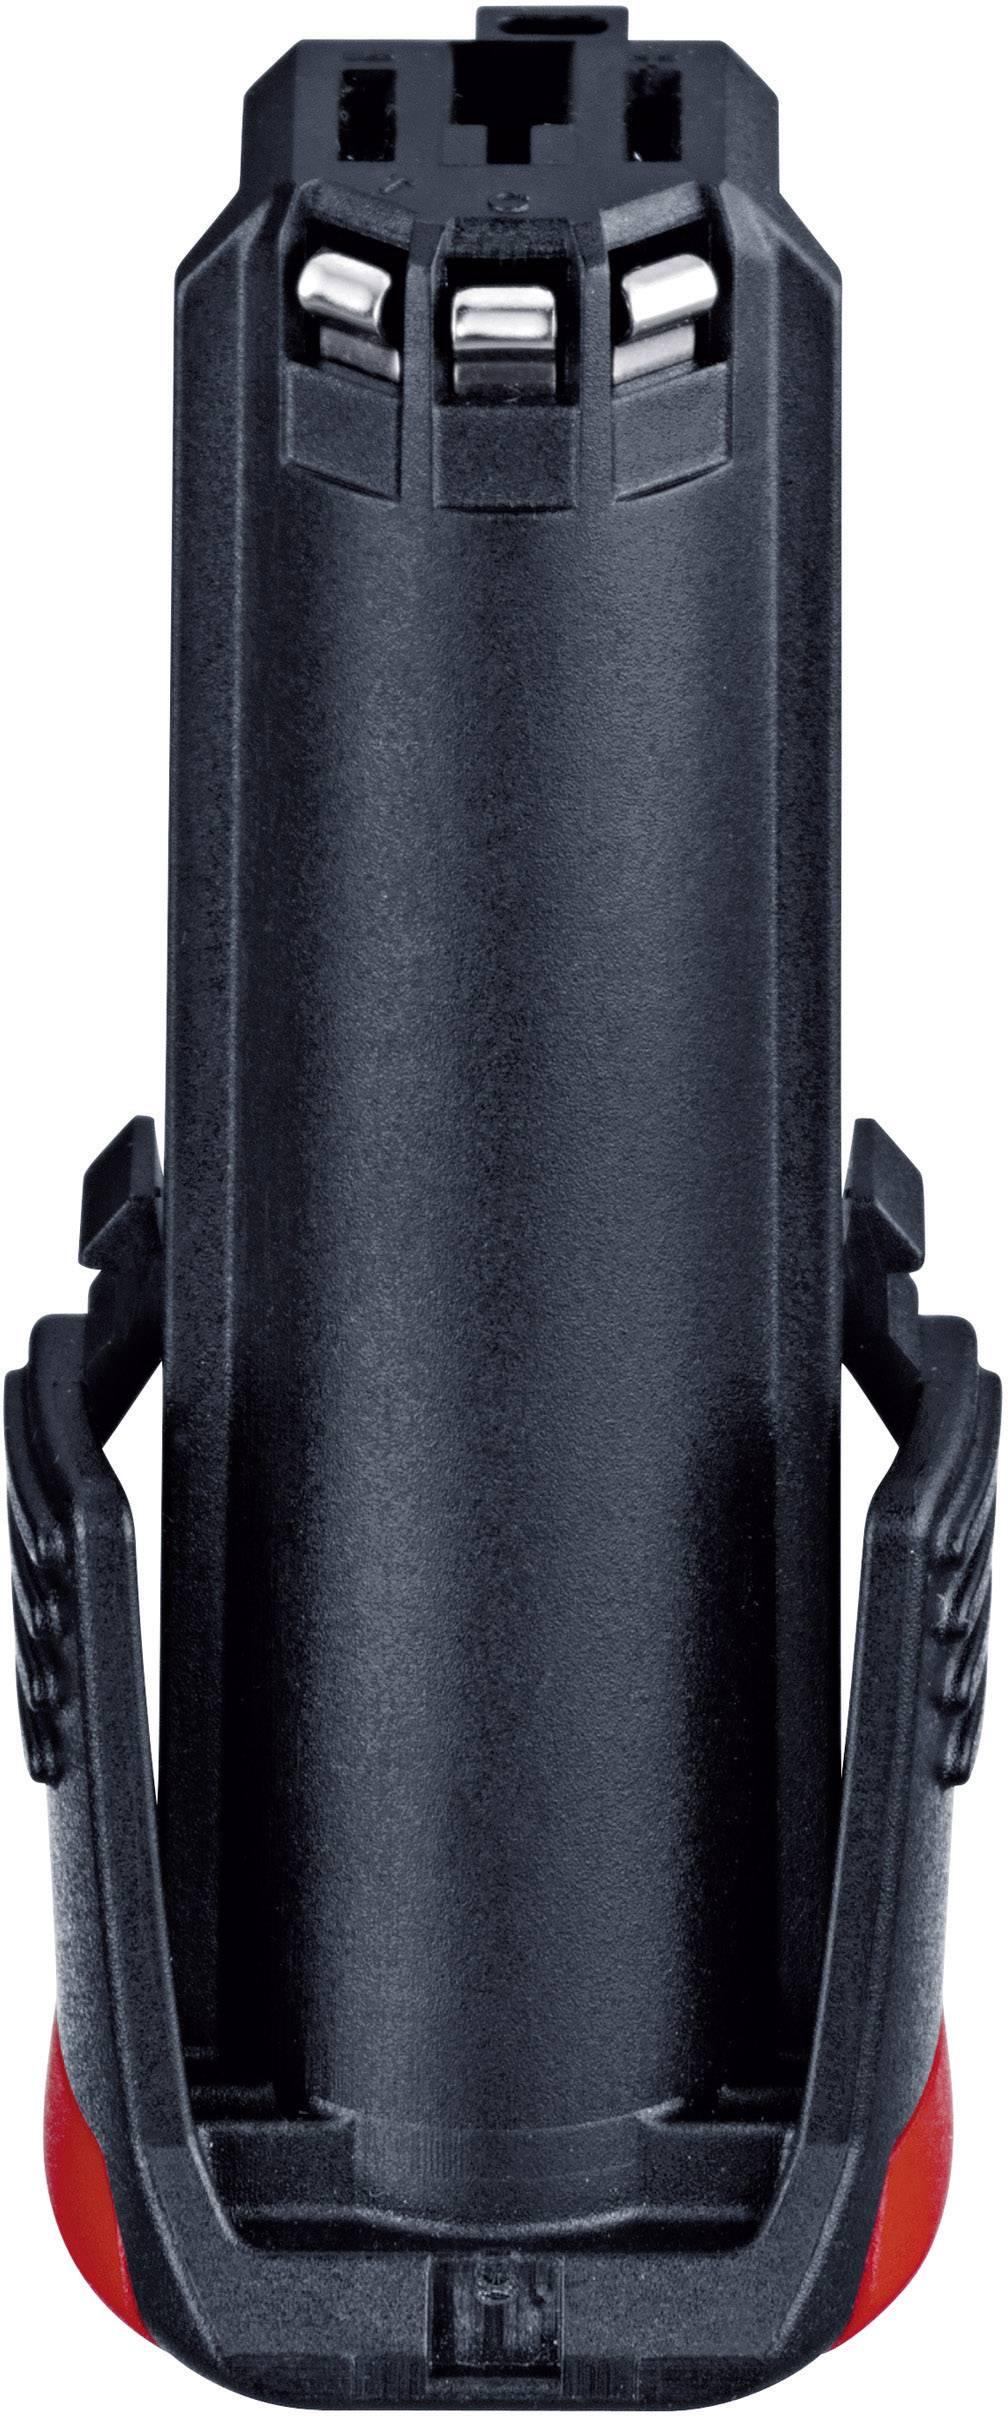 Akumulátor Bosch, Li-Ion, 3.6 V, 1.3 Ah, 2607336242